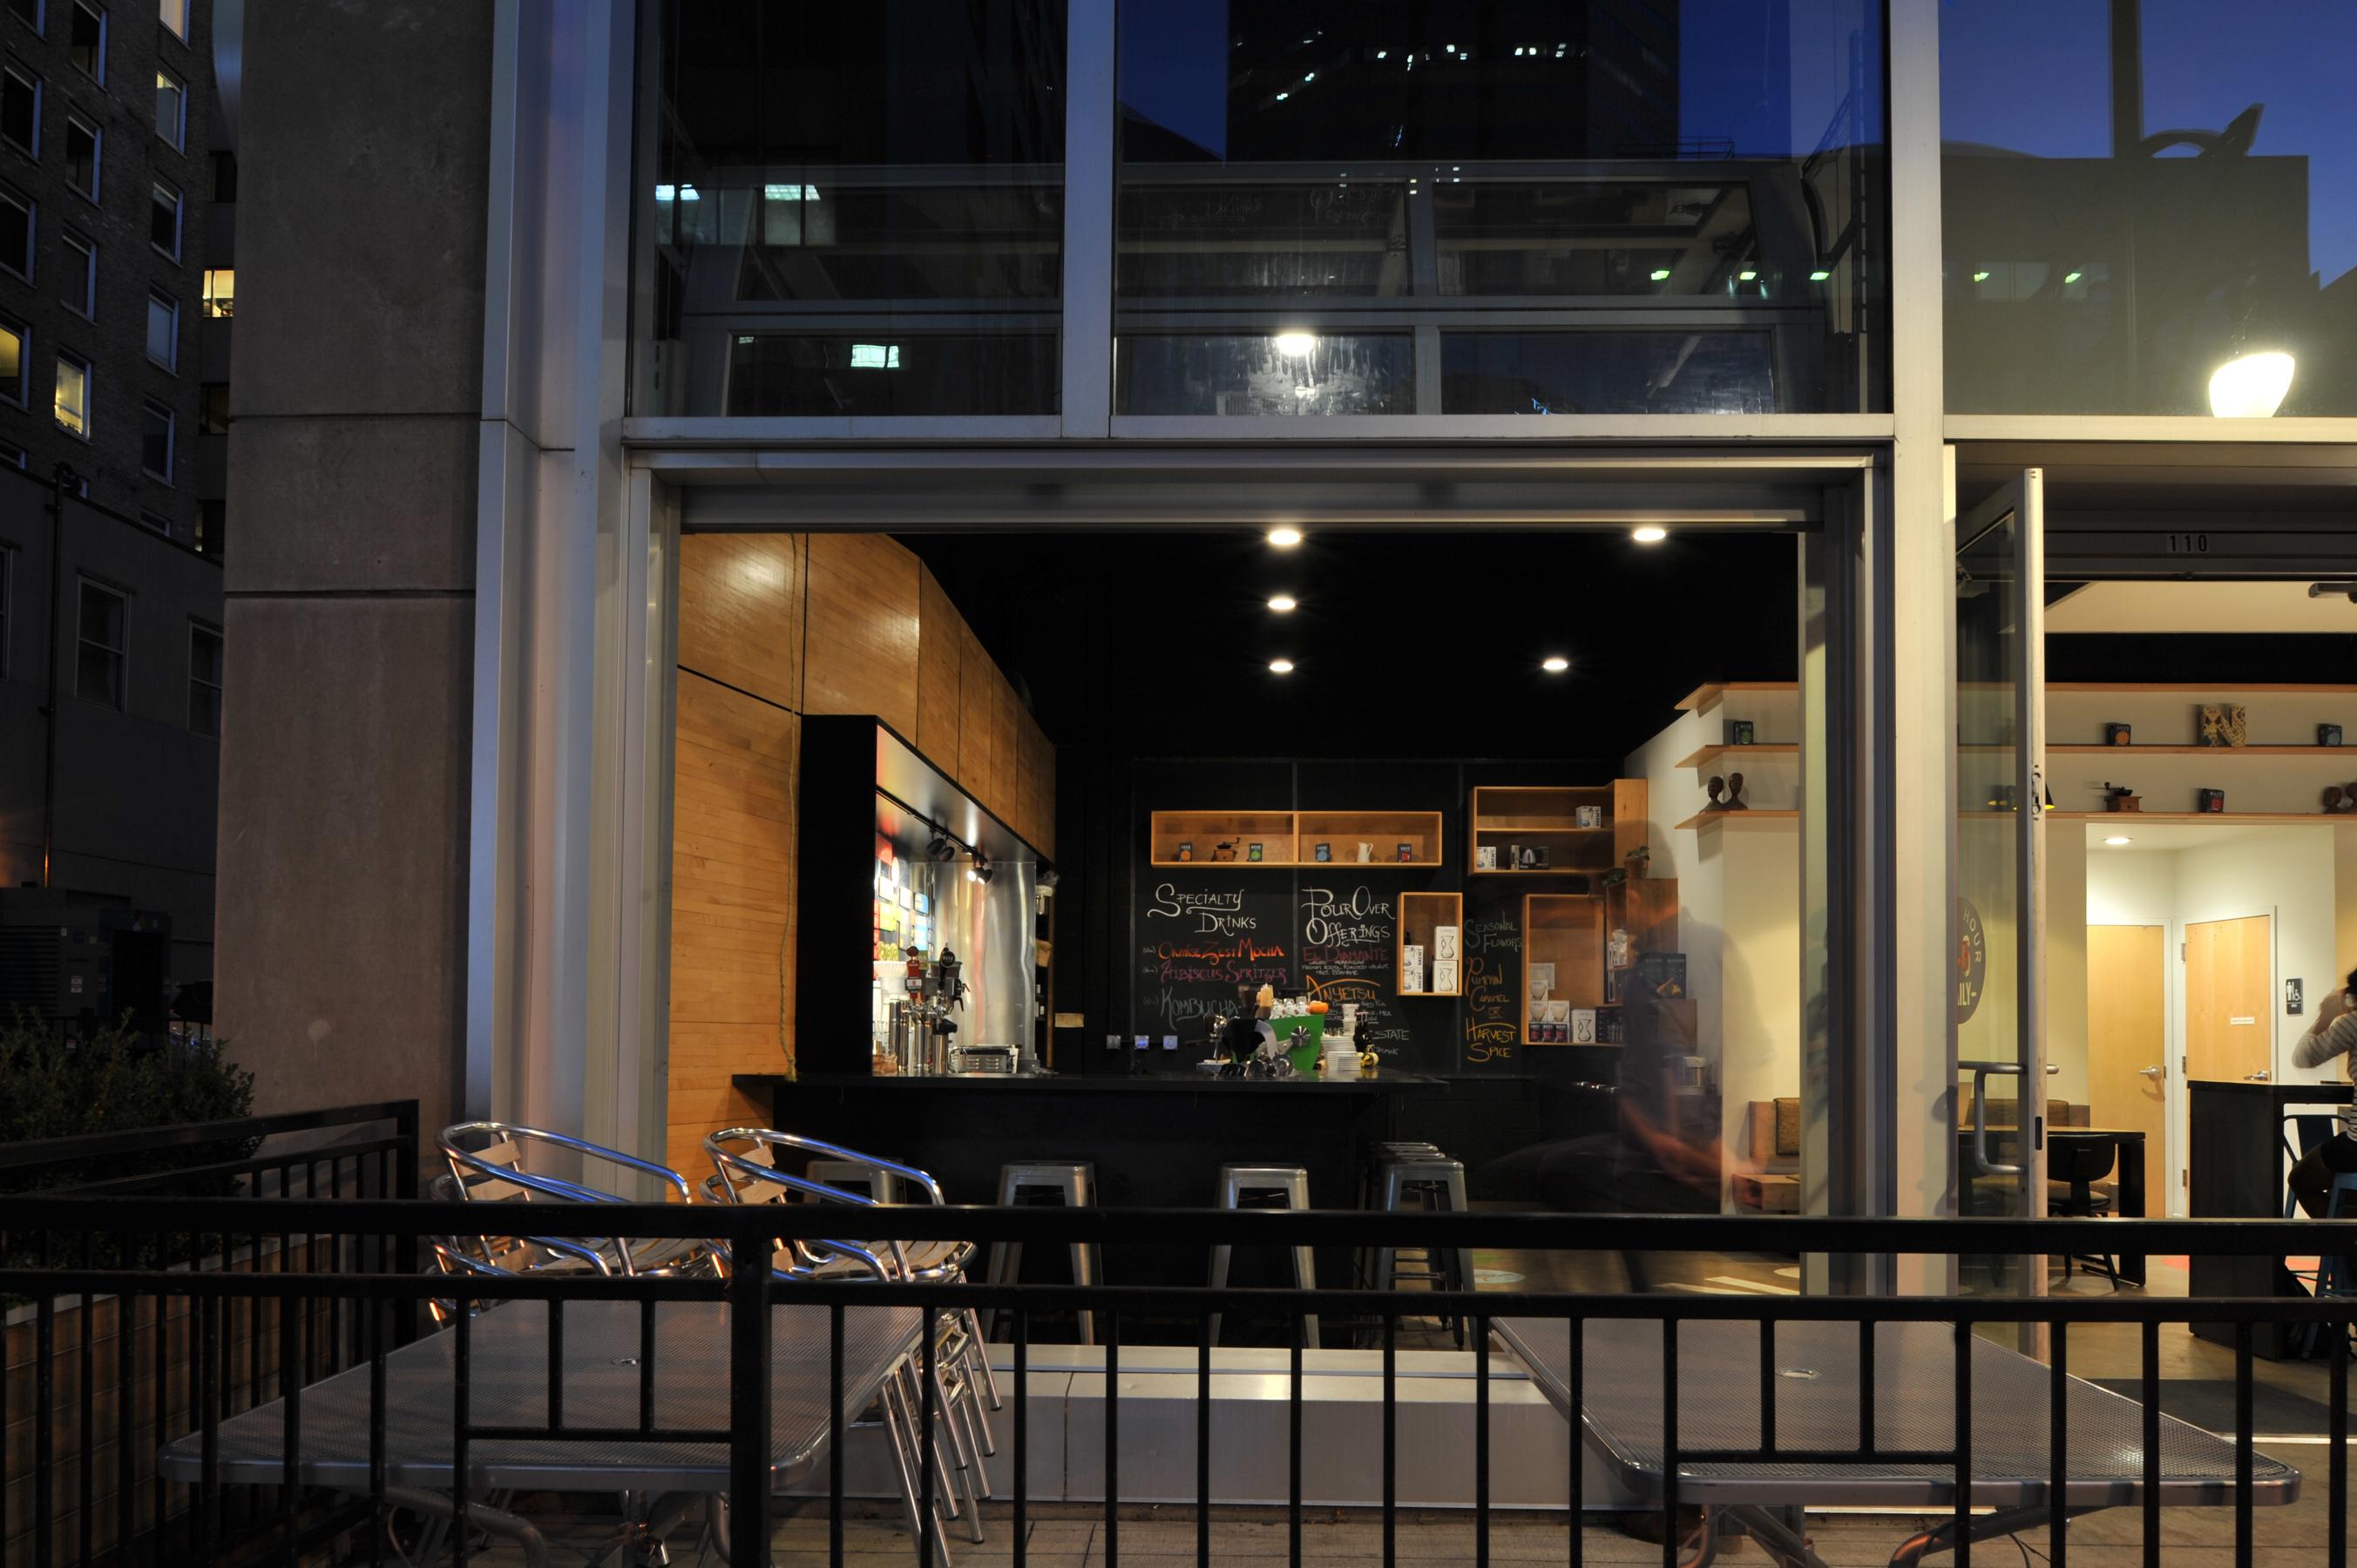 Novo Coffee shop 1600 glenarm outside patio open studio architecture OSA